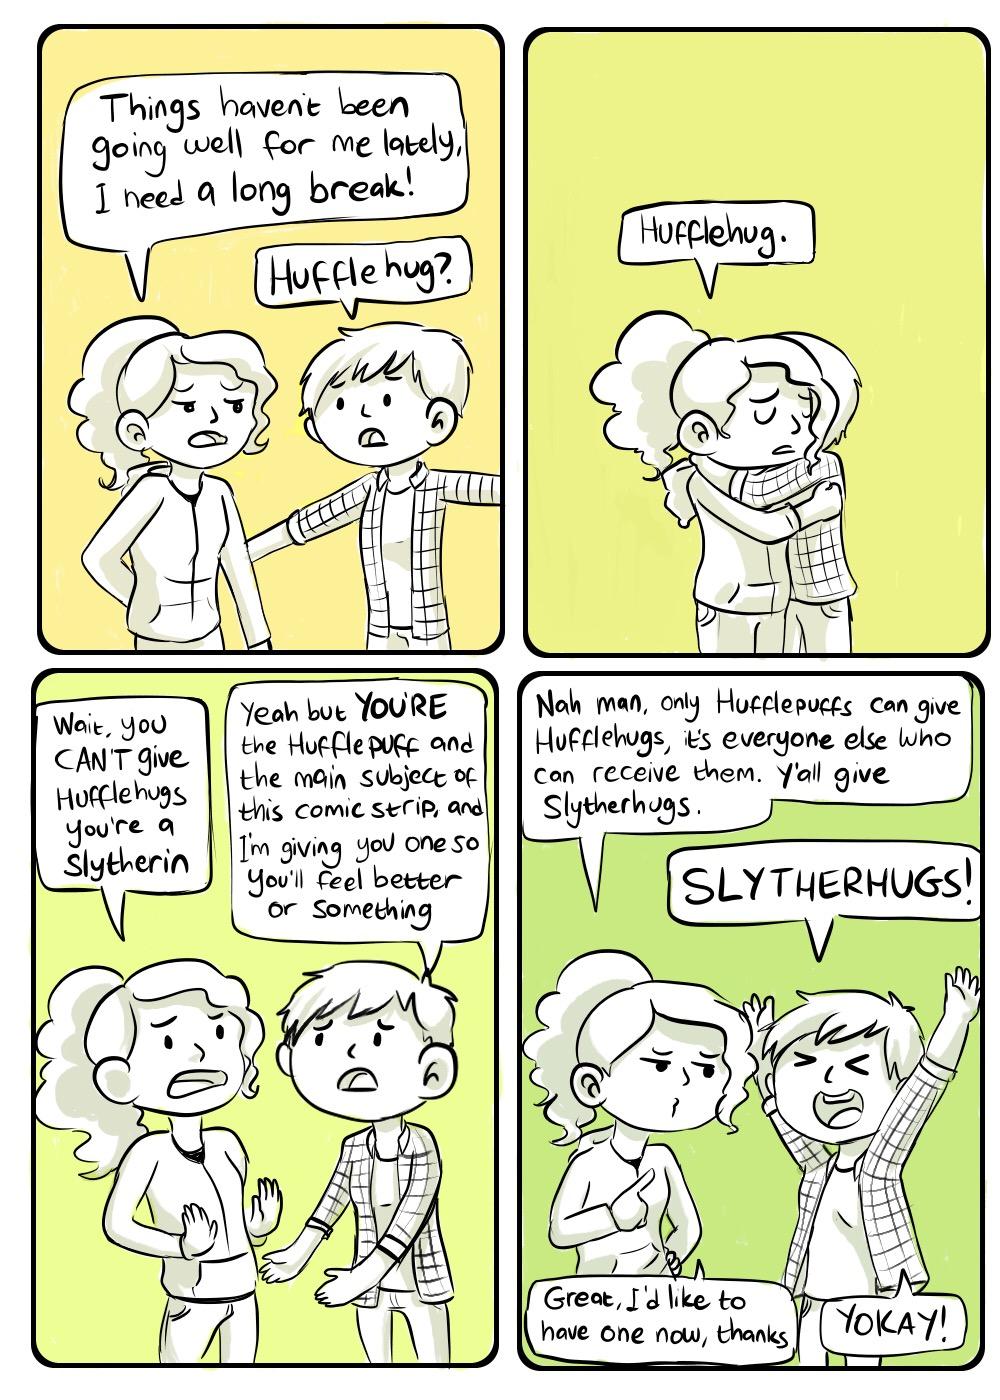 Hufflehug? by Chocoreaper